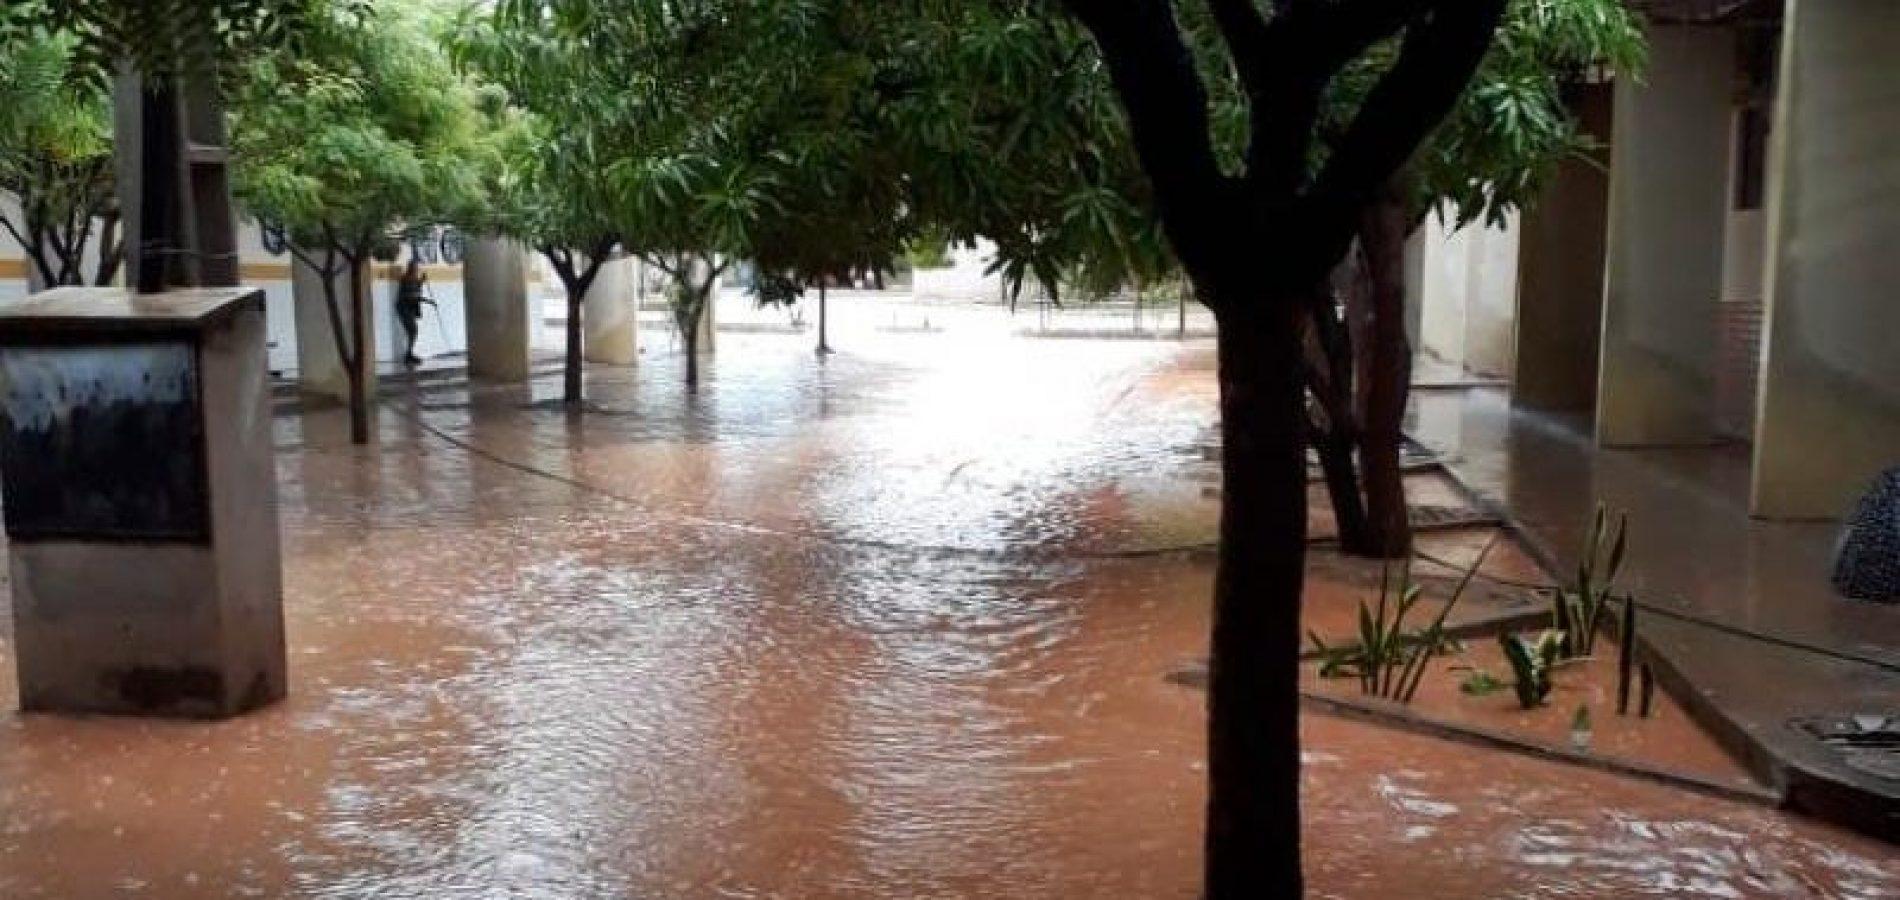 Campanha pede doações para famílias desabrigadas pela chuva em Picos